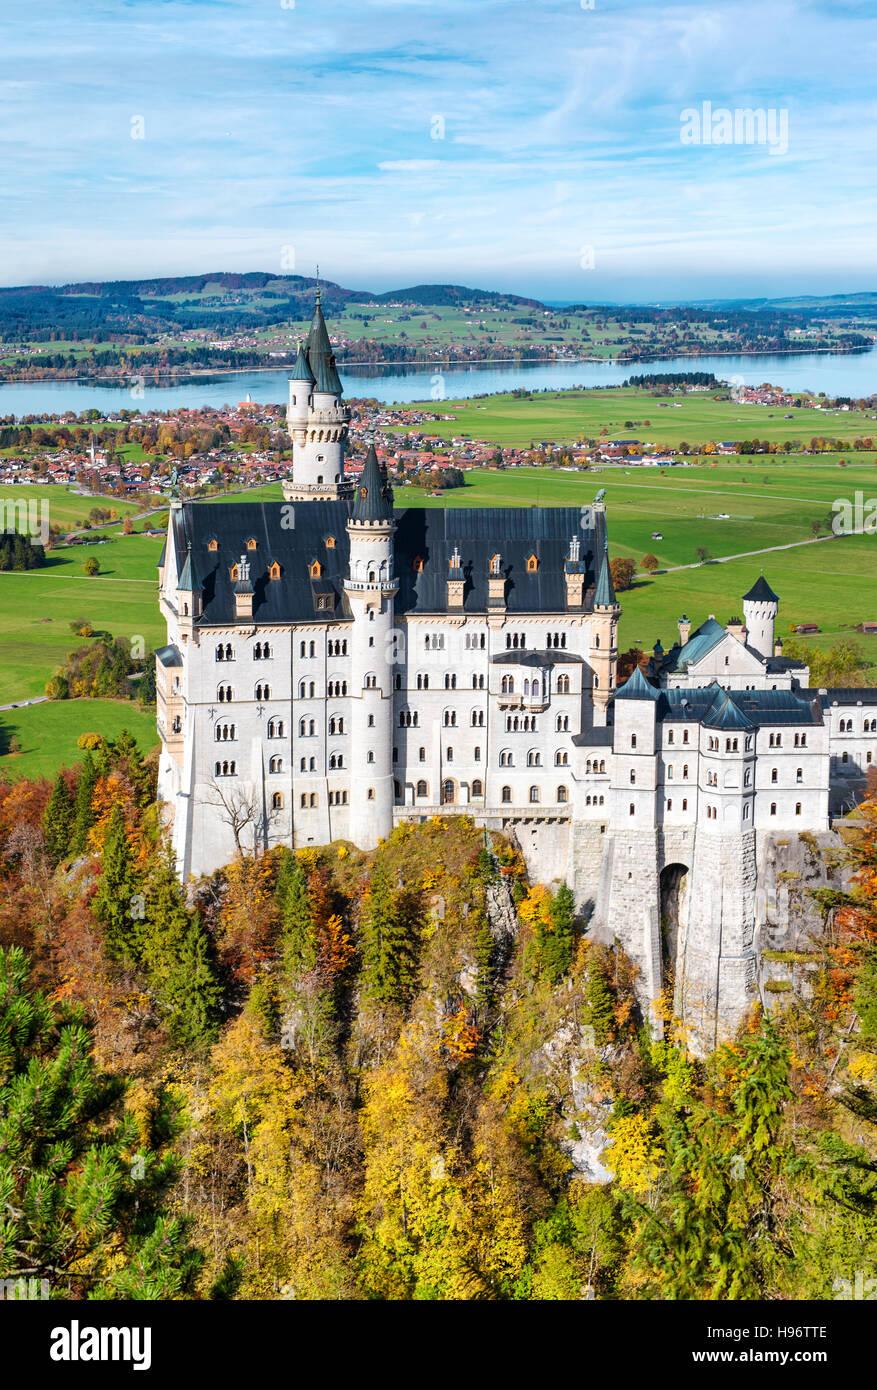 Célèbre château de Neuschwanstein en automne. Allemagne (Bavière). Beau paysage allemand Photo Stock